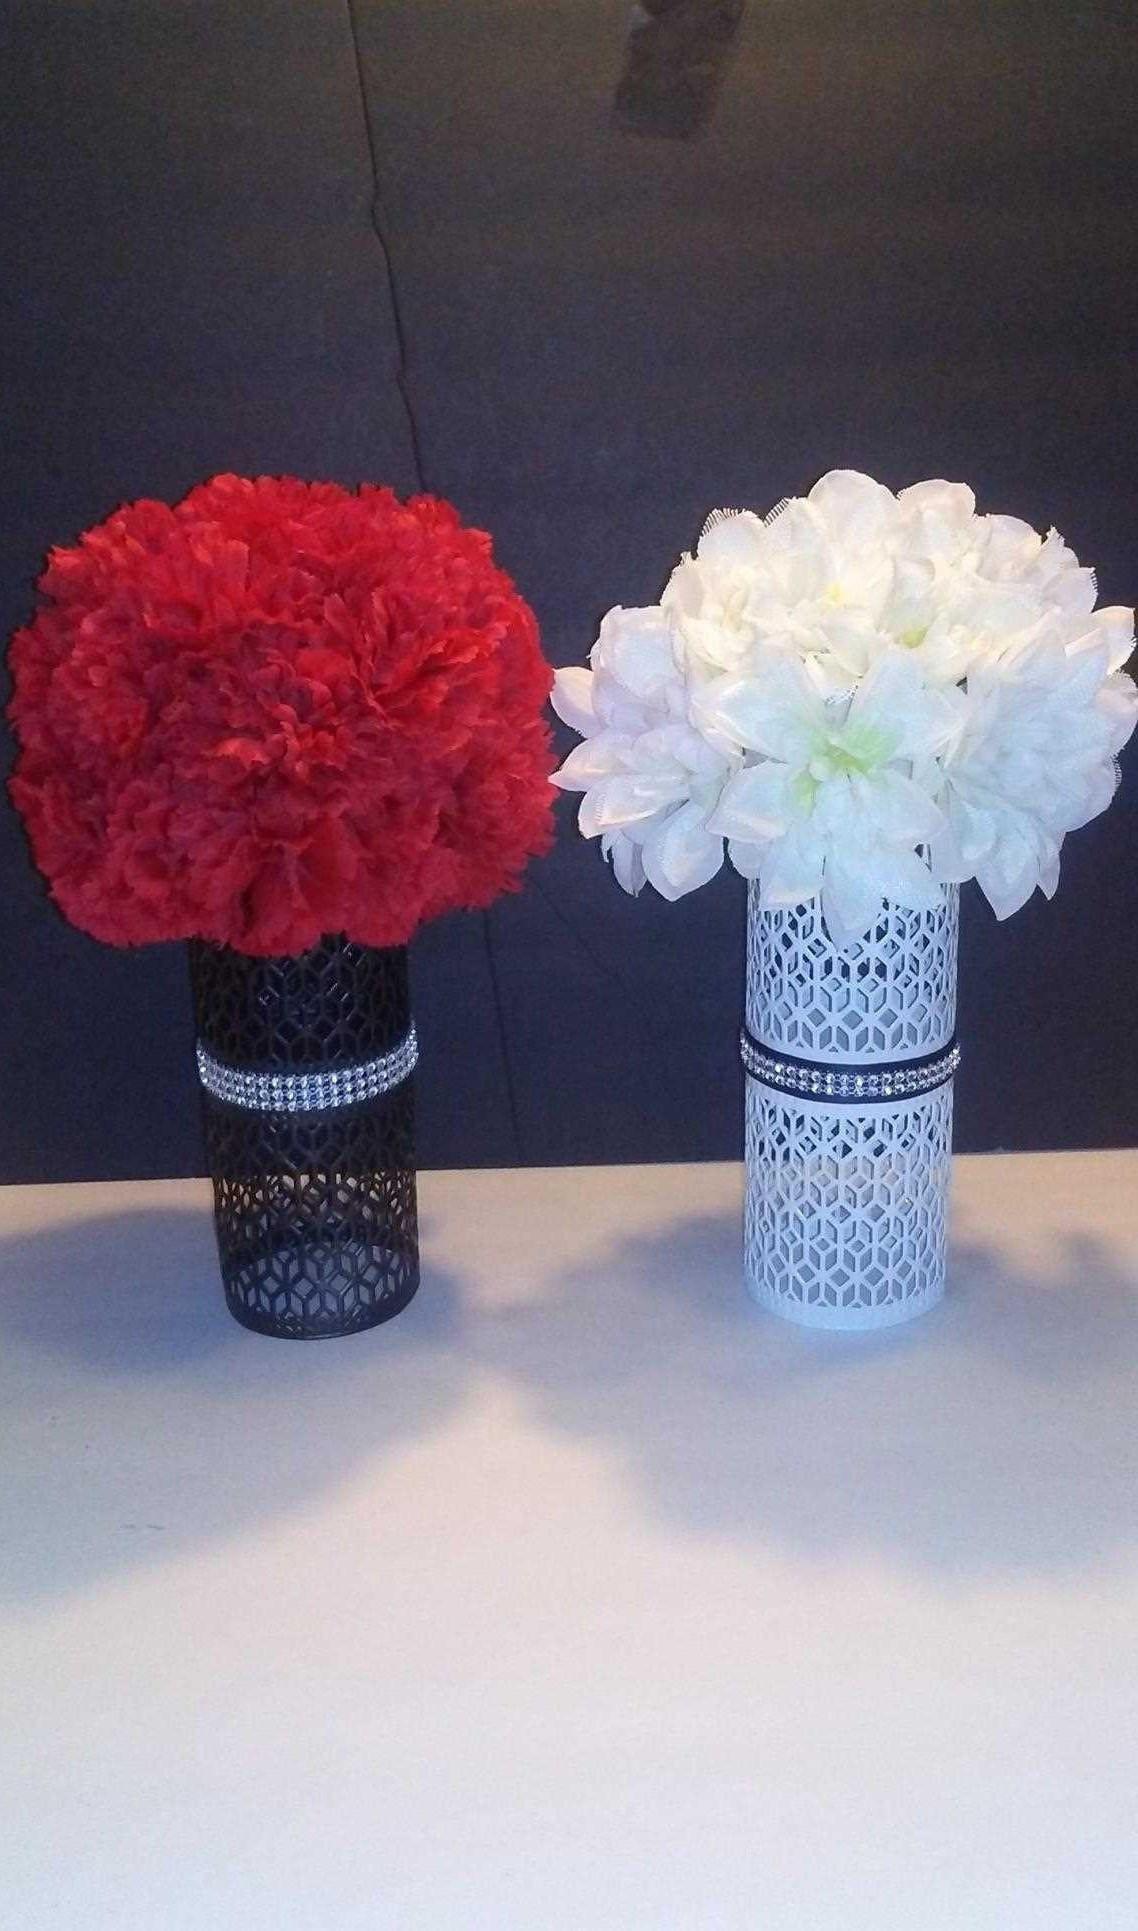 antique crystal vases value of 10 fresh crystal vase bogekompresorturkiye com for wedding floral centerpieces awesome dollar tree wedding decorations awesome h vases dollar vase i 0d